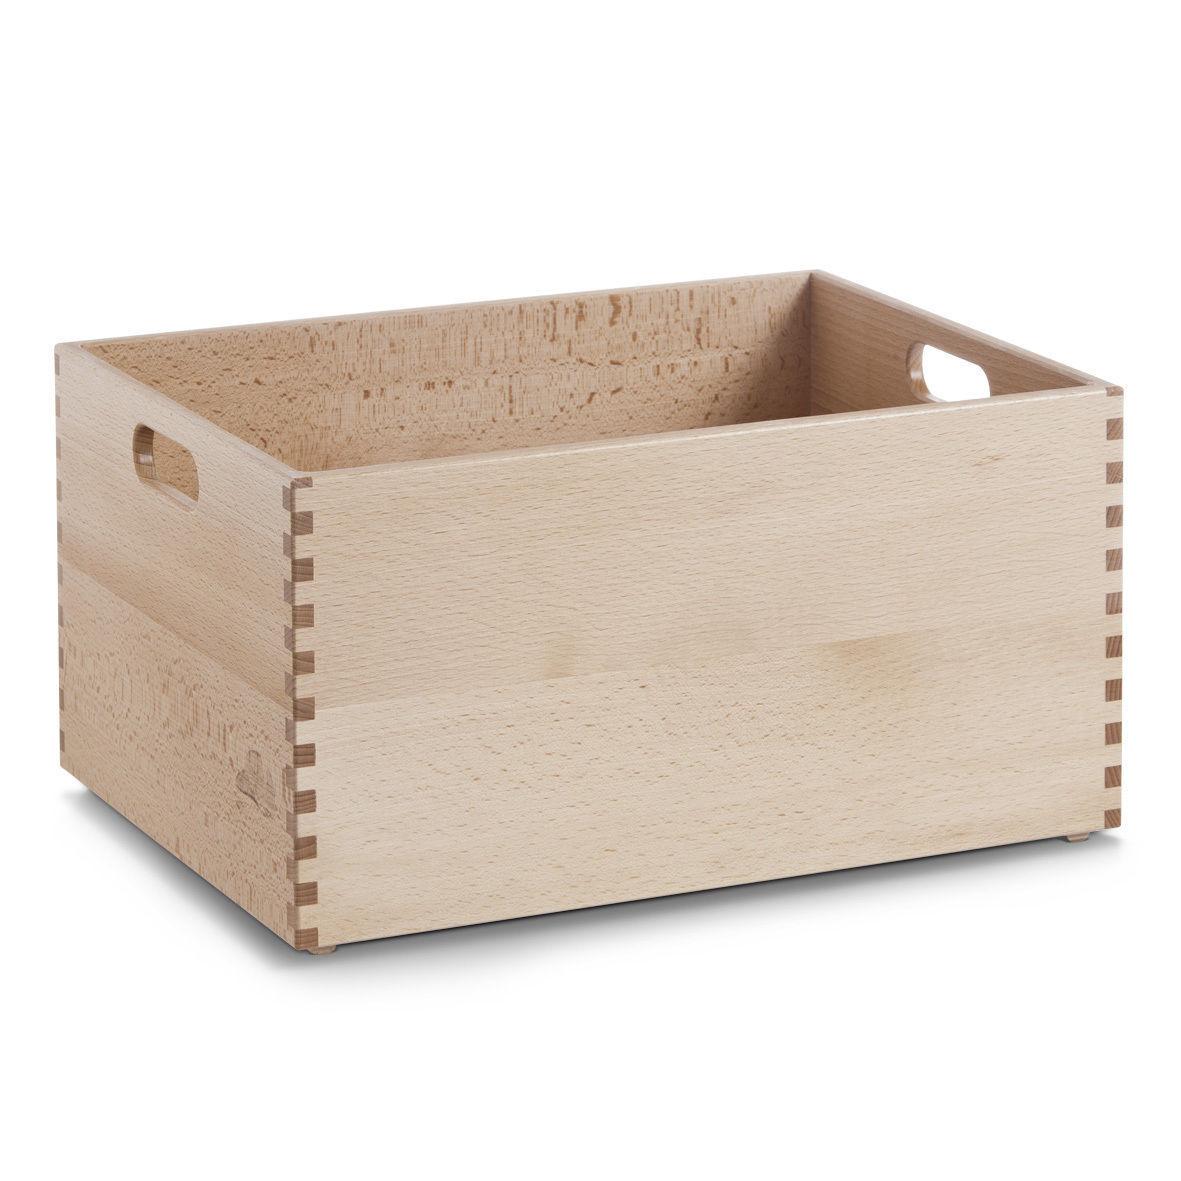 Allzweckkiste holzkiste aufbewahrung holzbox for Holzkiste kinderzimmer